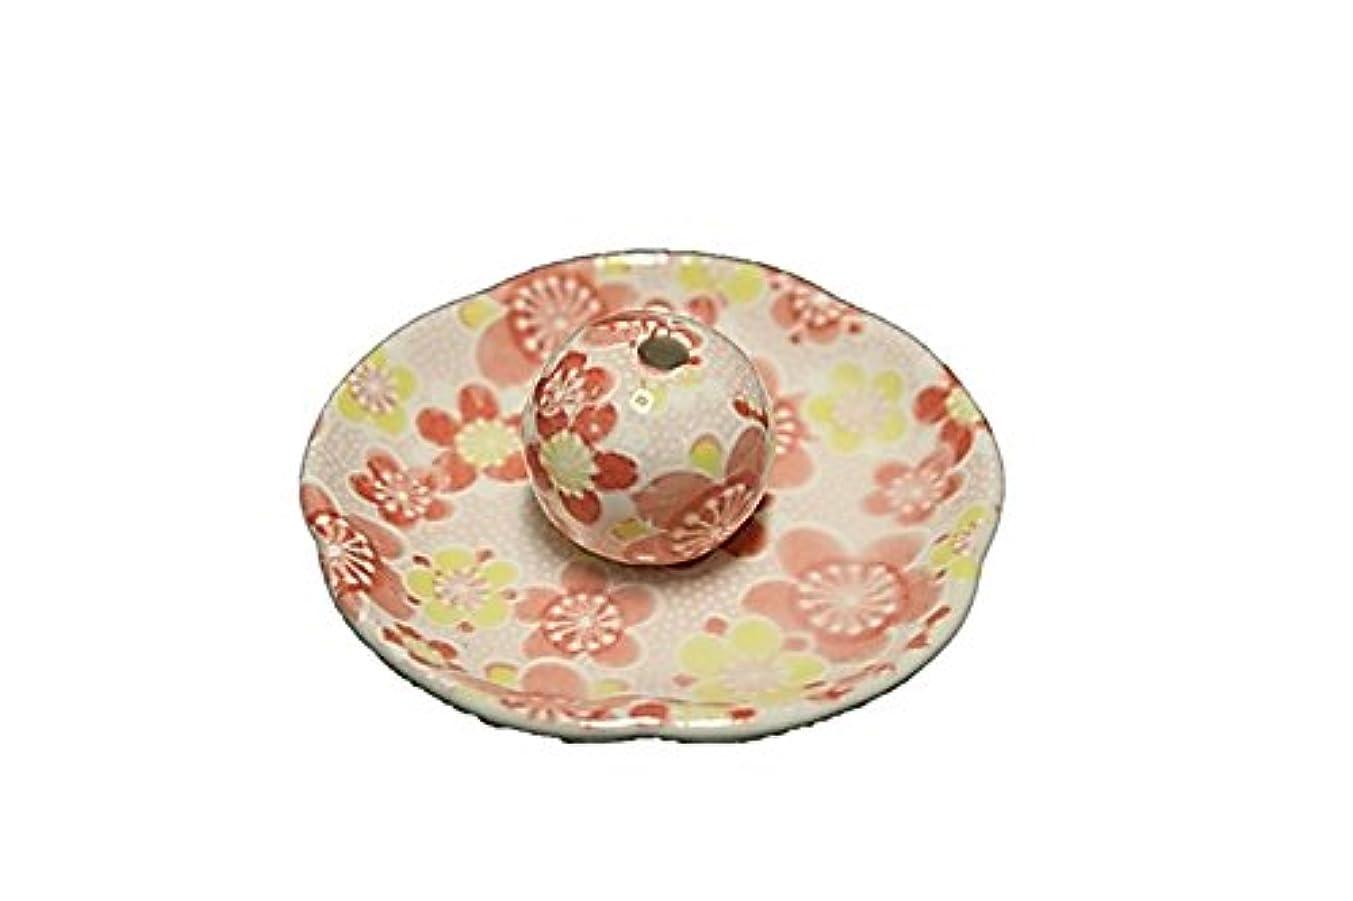 石鹸バルク決めます小春 花形香皿 お香立て お香たて 日本製 ACSWEBSHOPオリジナル